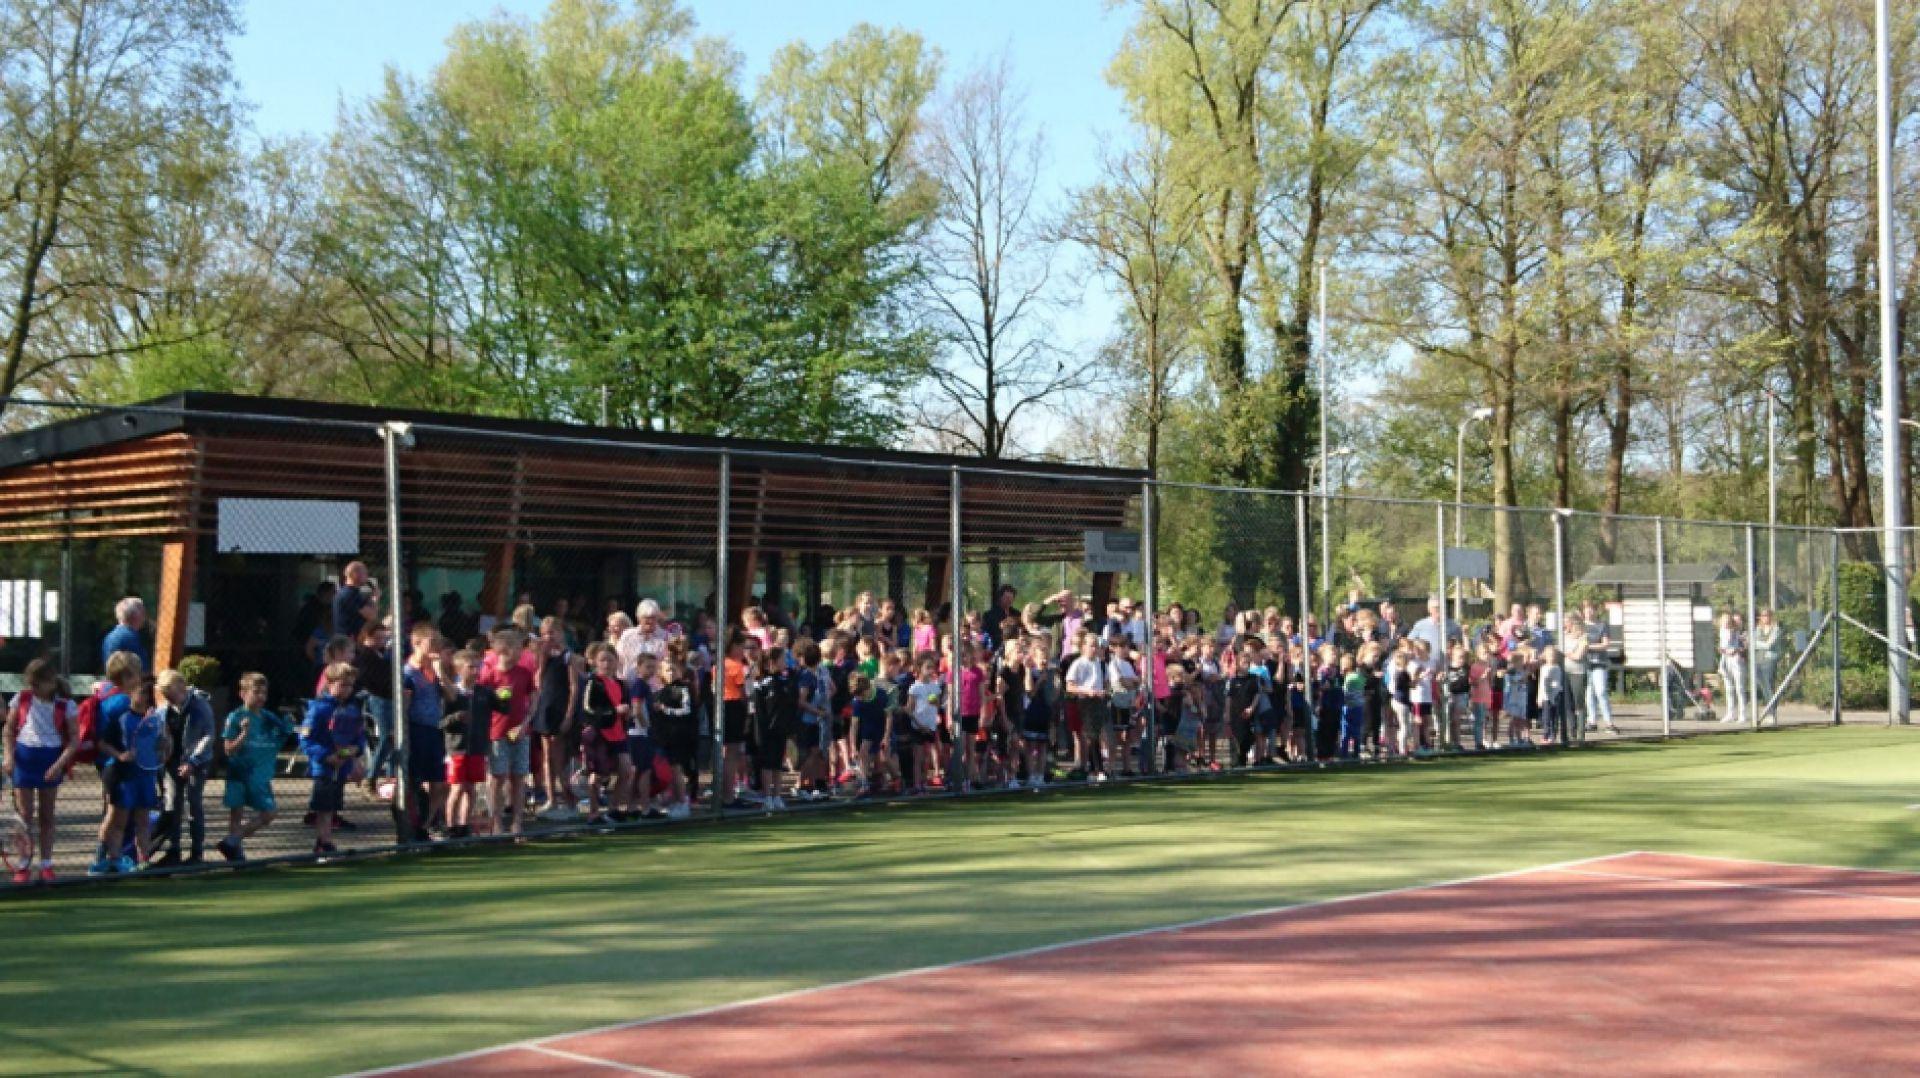 Grote deelname aan jaarlijks schooltennistoernooi Delden